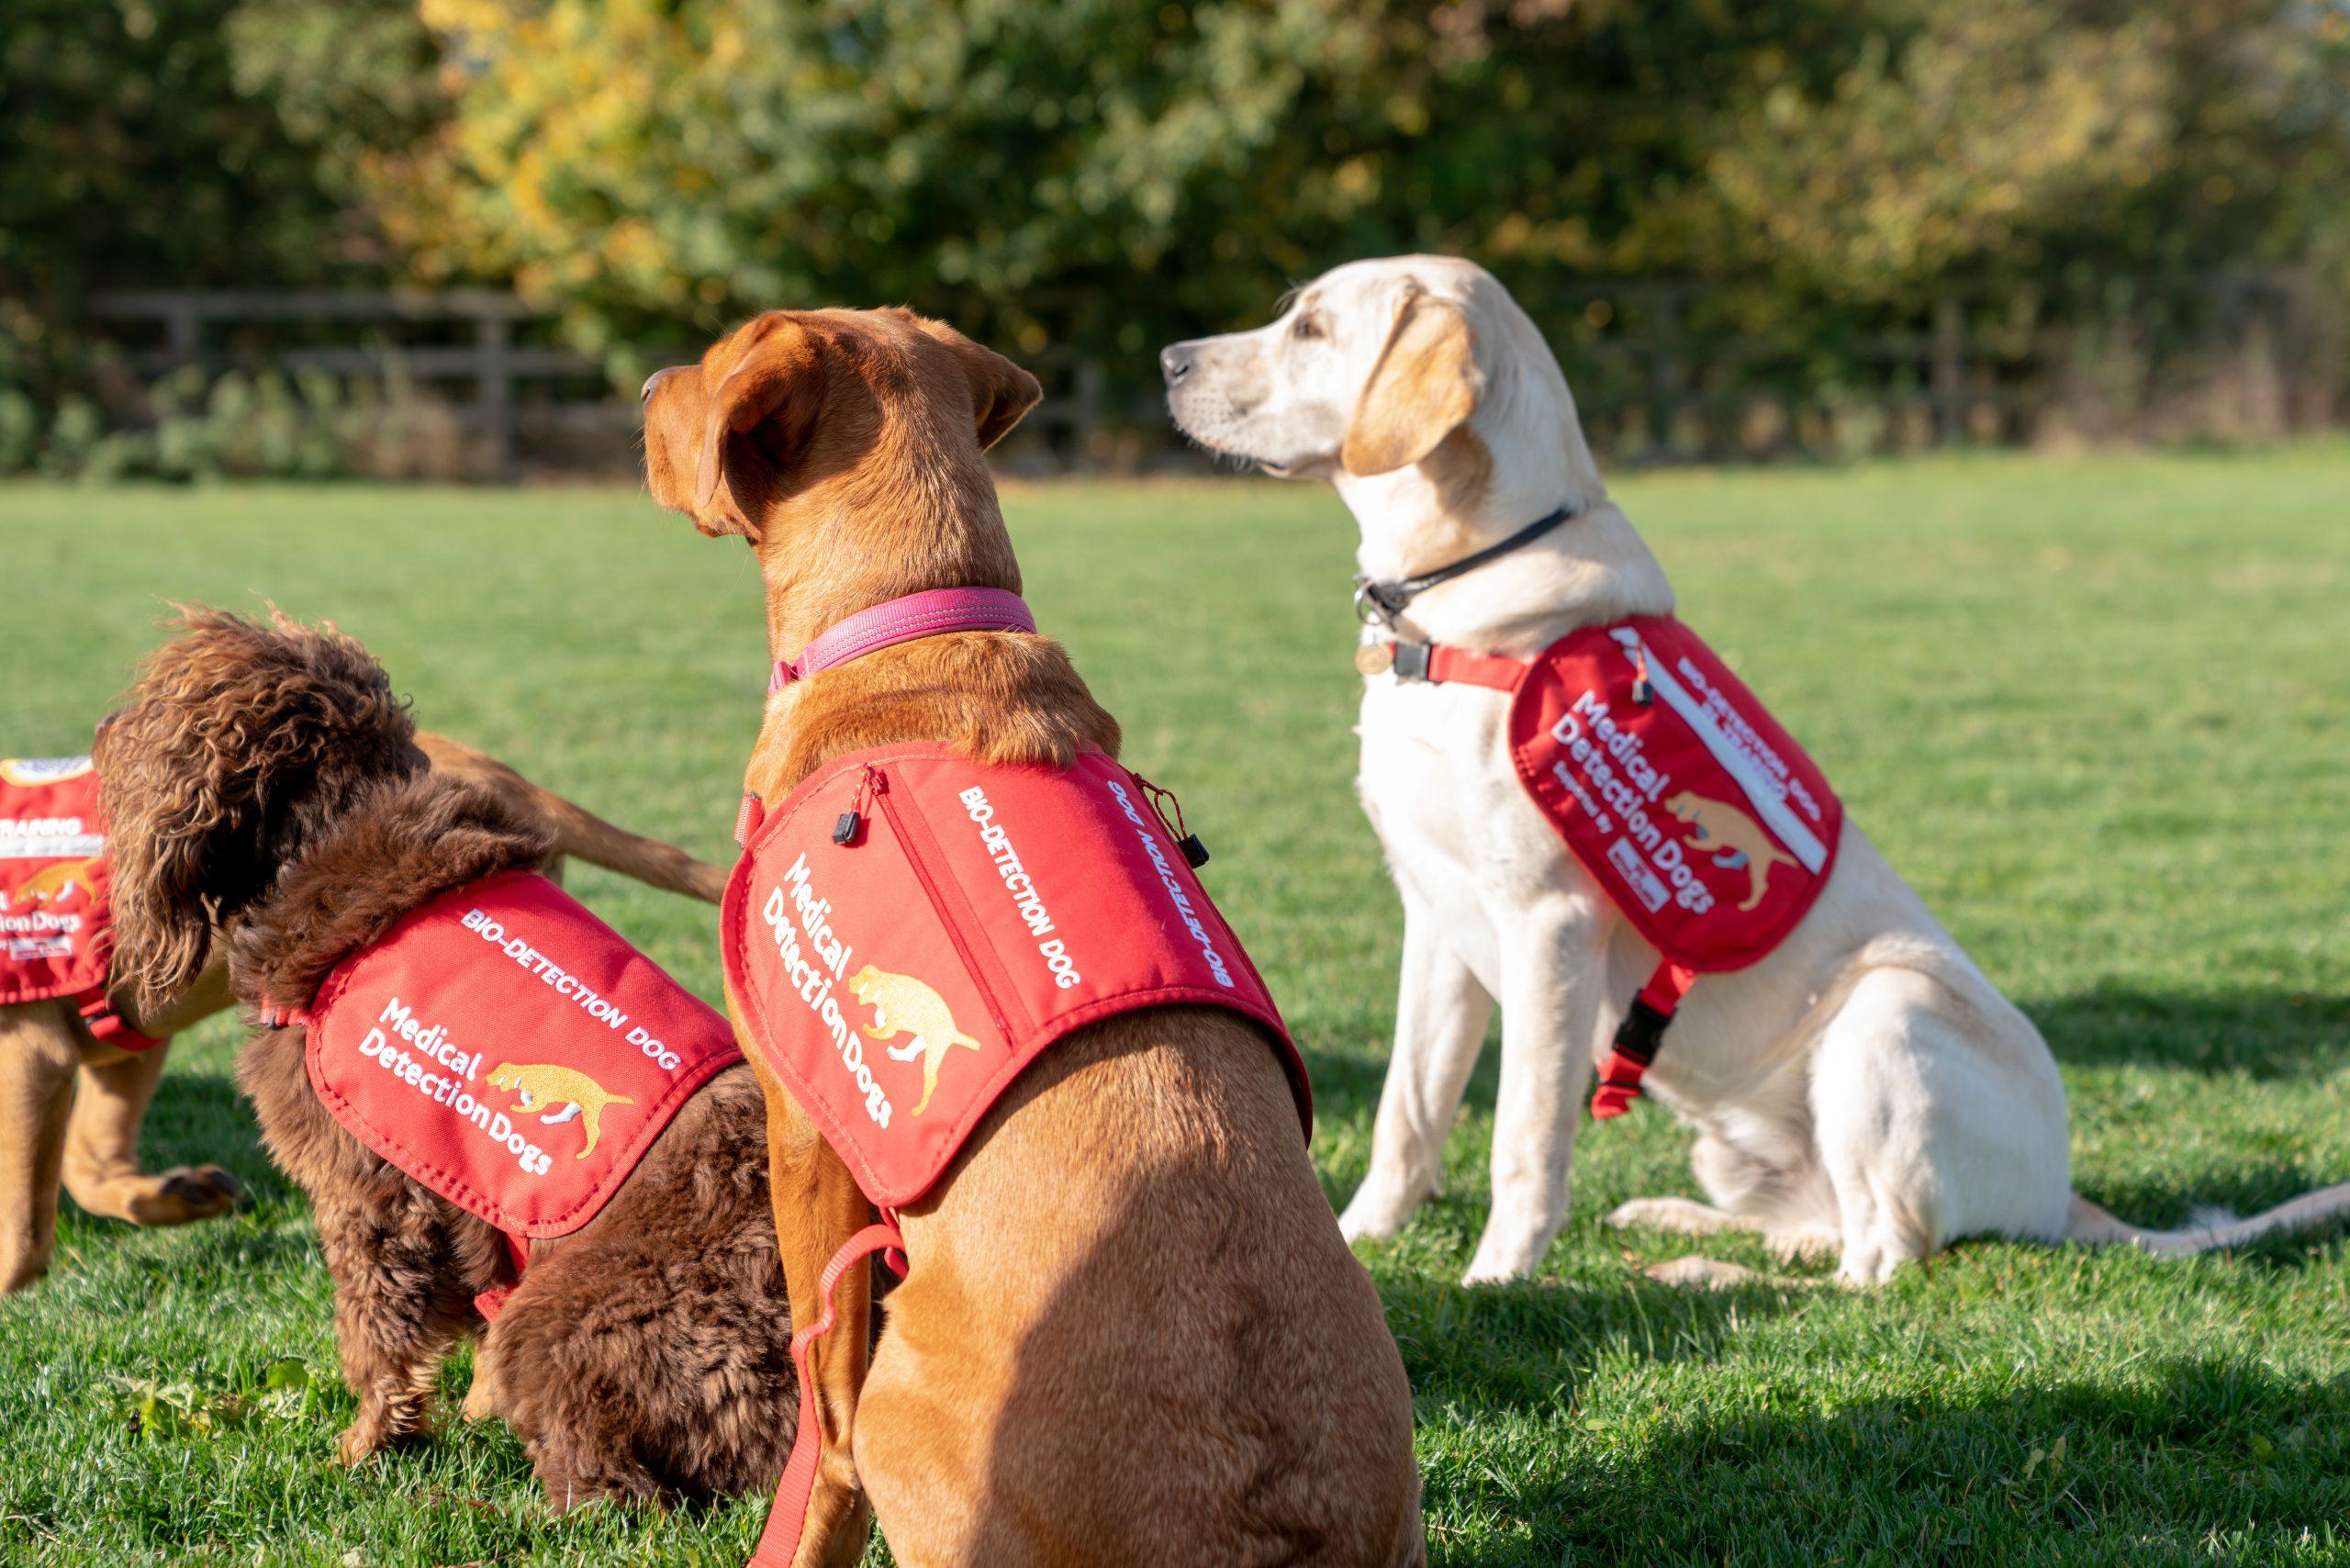 El mejor amigo del hombre: Perros podrían oler y detectar a personas con coronavirus